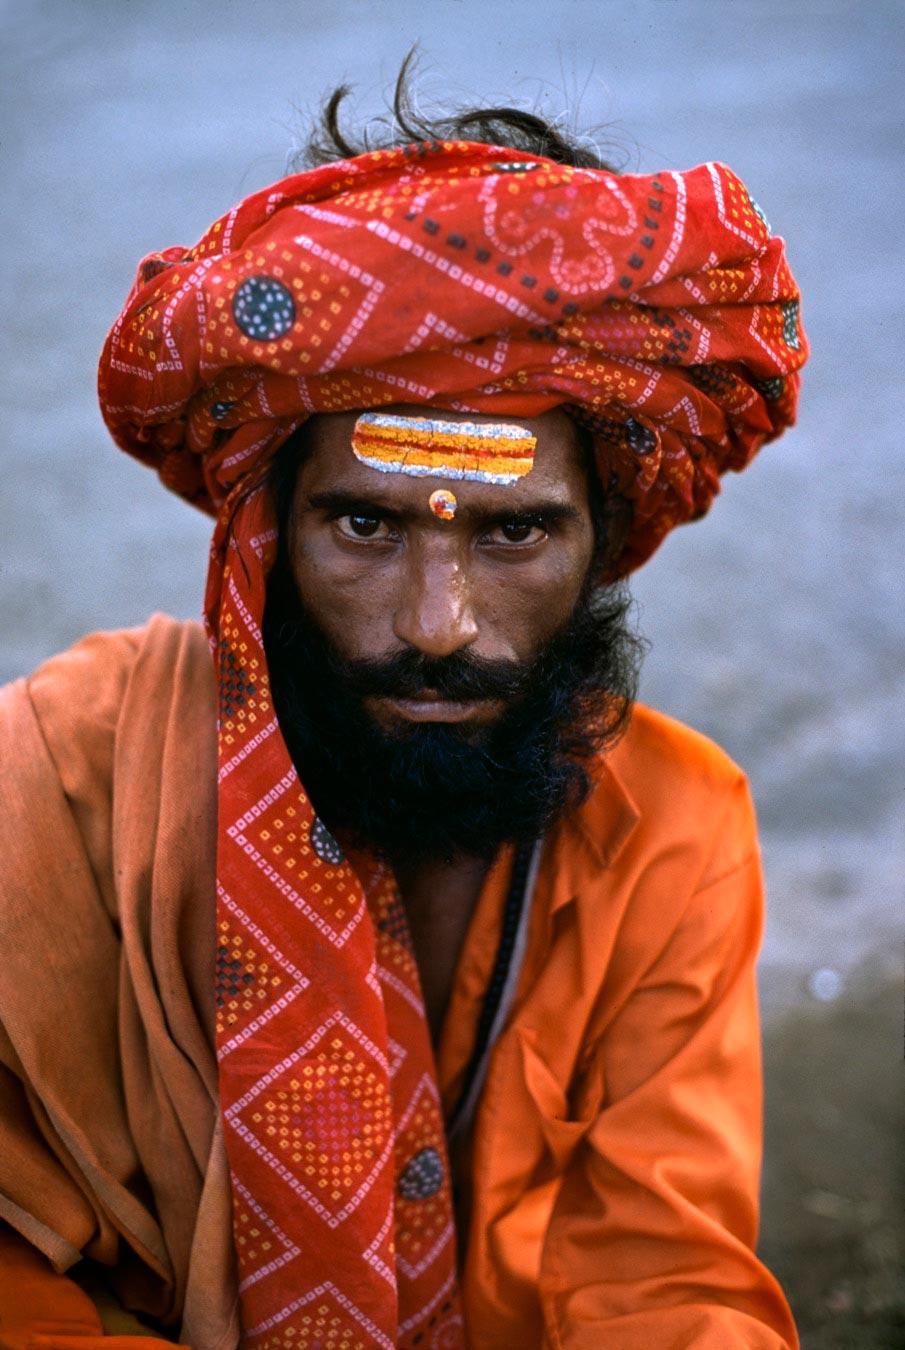 Ujjain, India, 2002